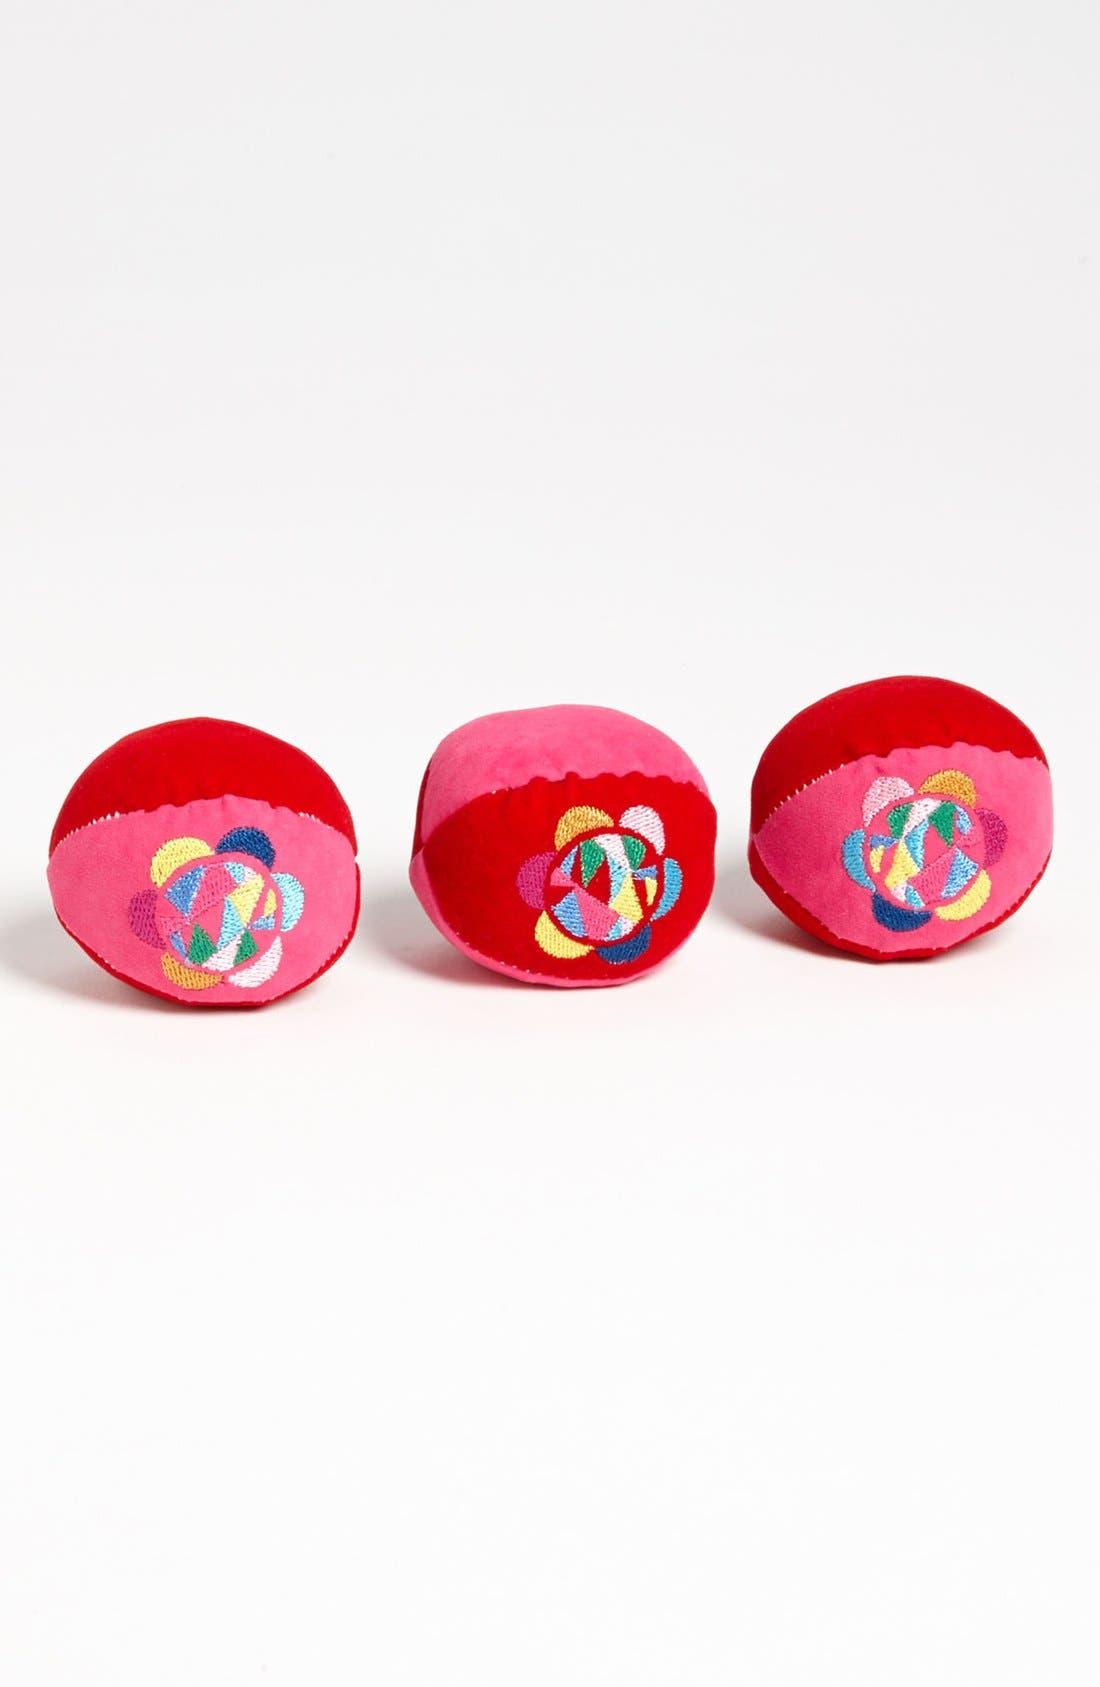 Main Image - eeBoo Juggling Balls